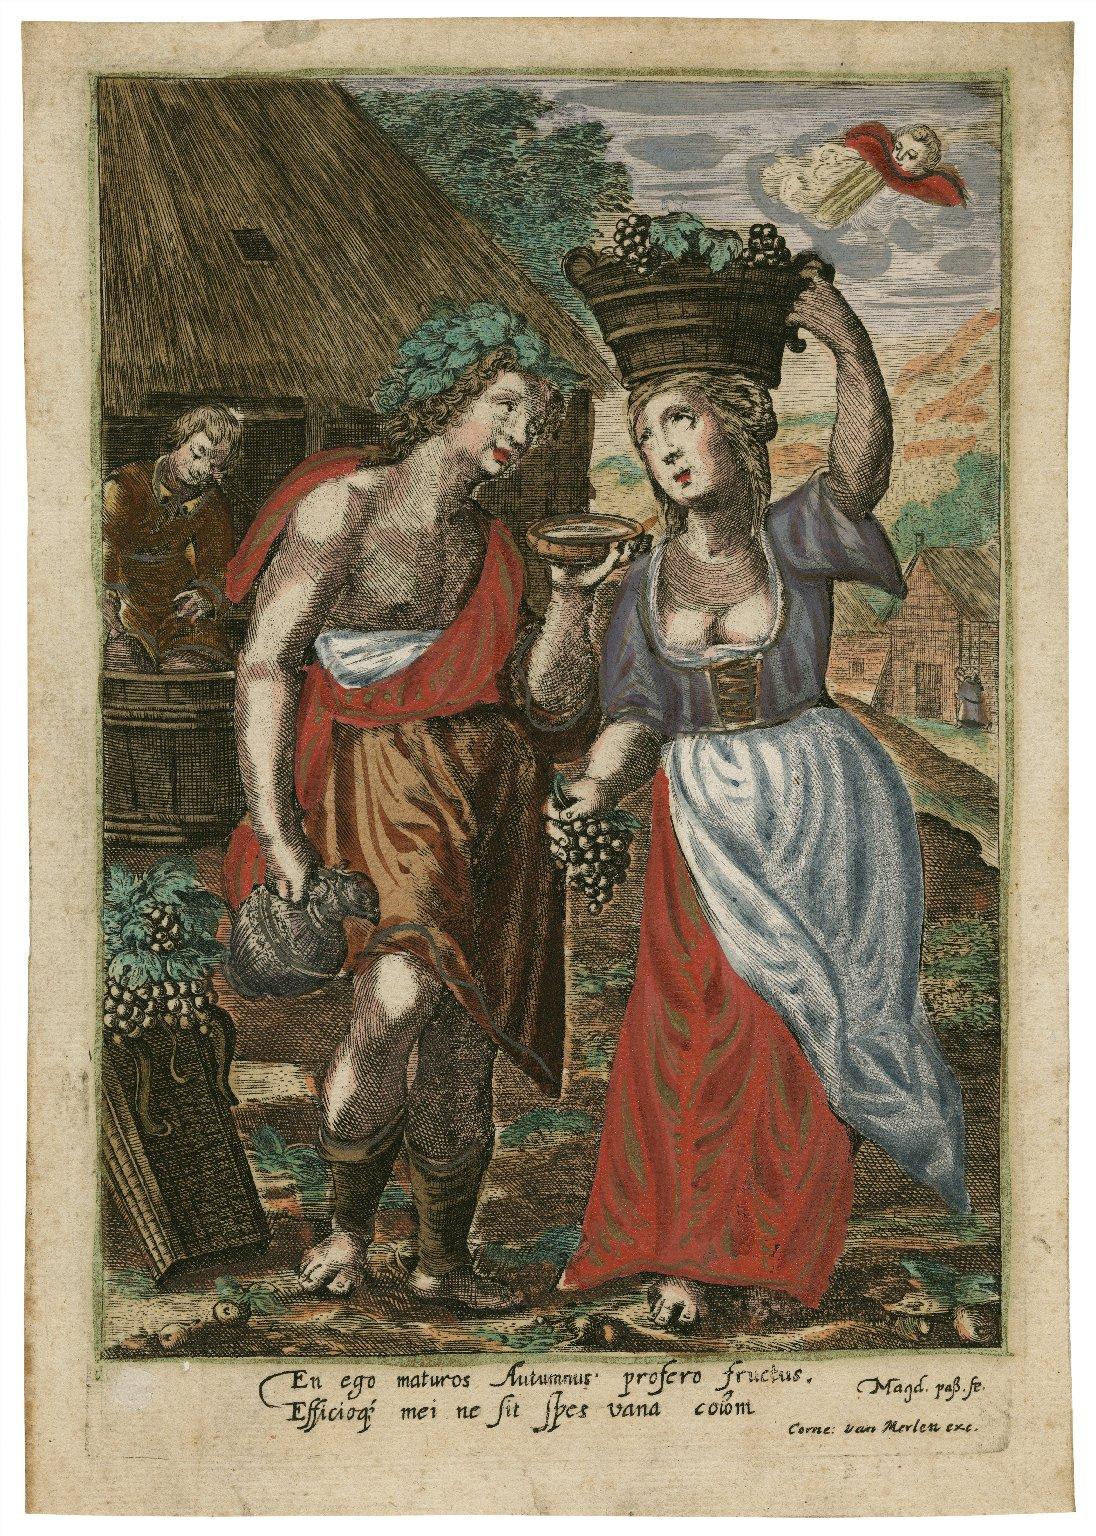 En ego maturos Autumnus profero fructus. Efficio[que] me ne sit spes vana colom [graphic] / Magd. Pass, fe.